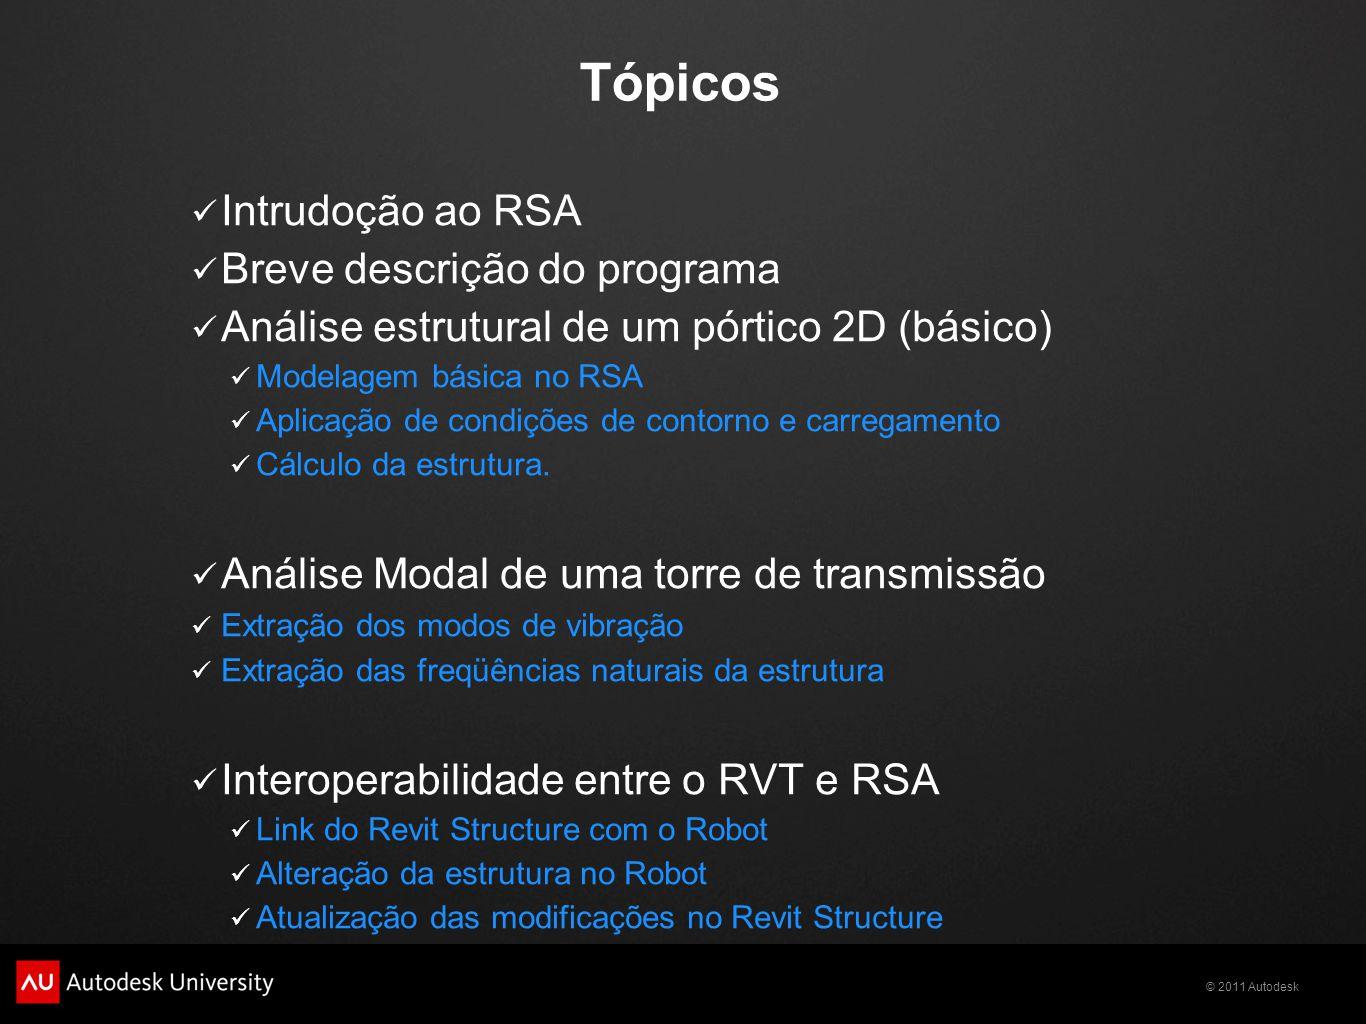 Tópicos Intrudoção ao RSA Breve descrição do programa